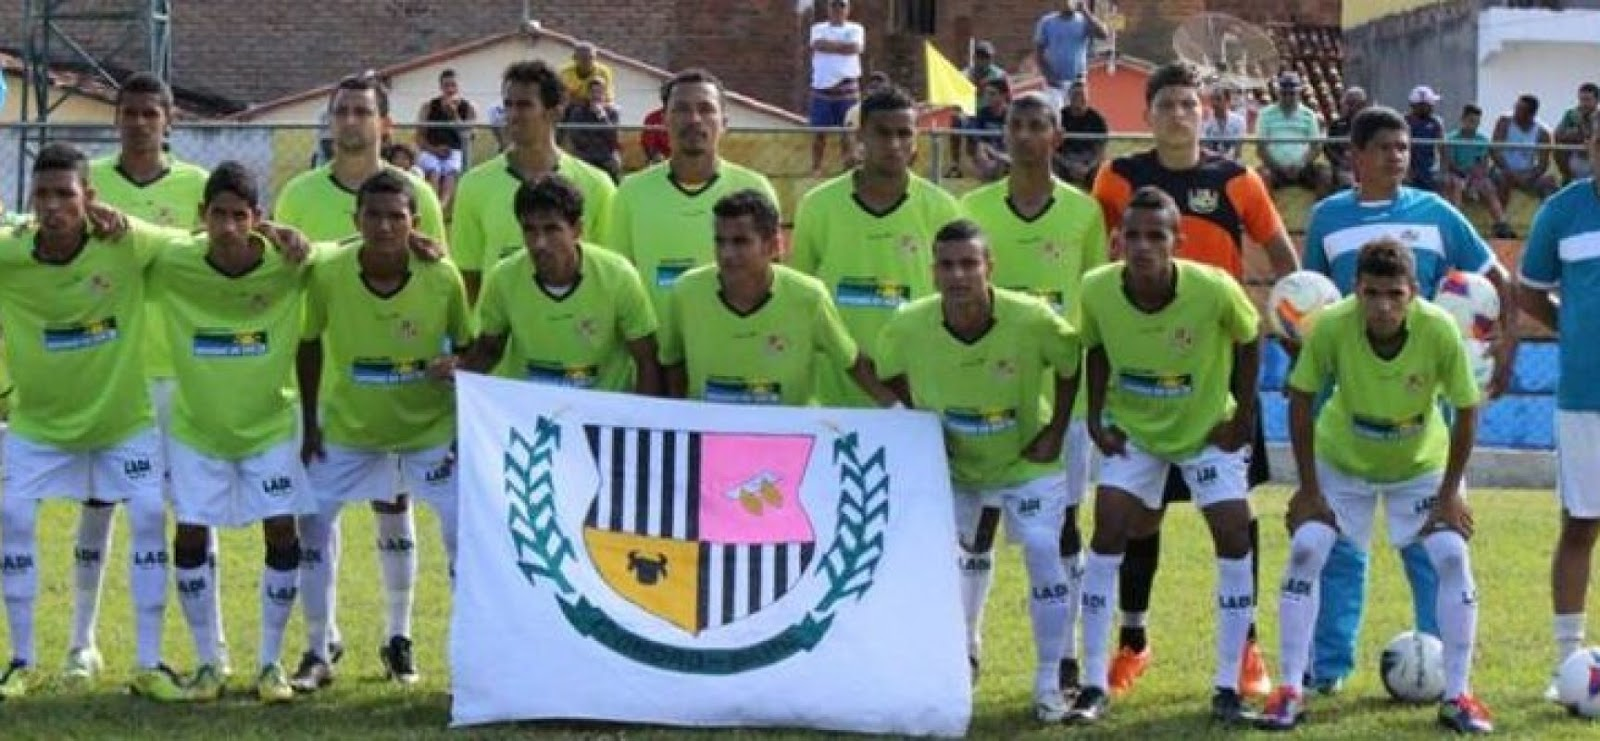 A bola vai rolar em mais uma edição da maior competição de futebol amador do  país. O Intermunicipal ... cd4afd42150f4